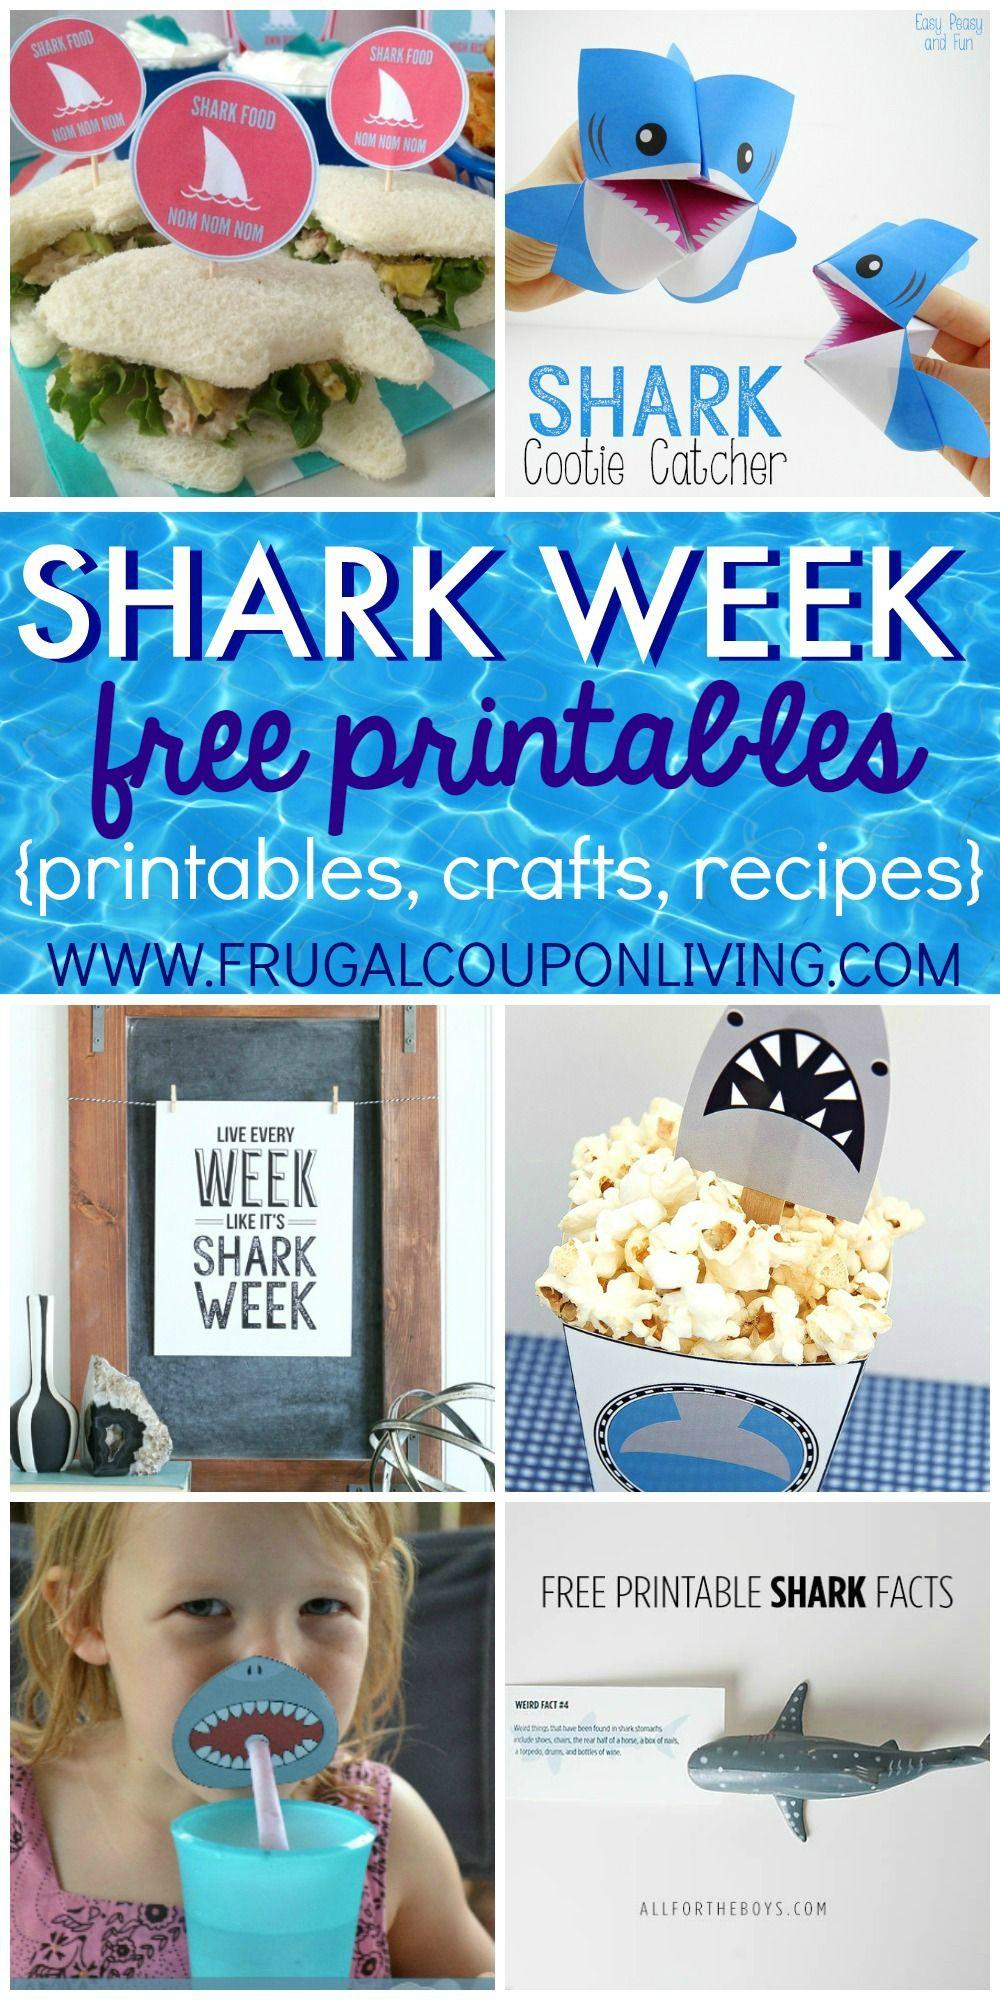 Shark Week Ideas for Kids #sharkweekfood